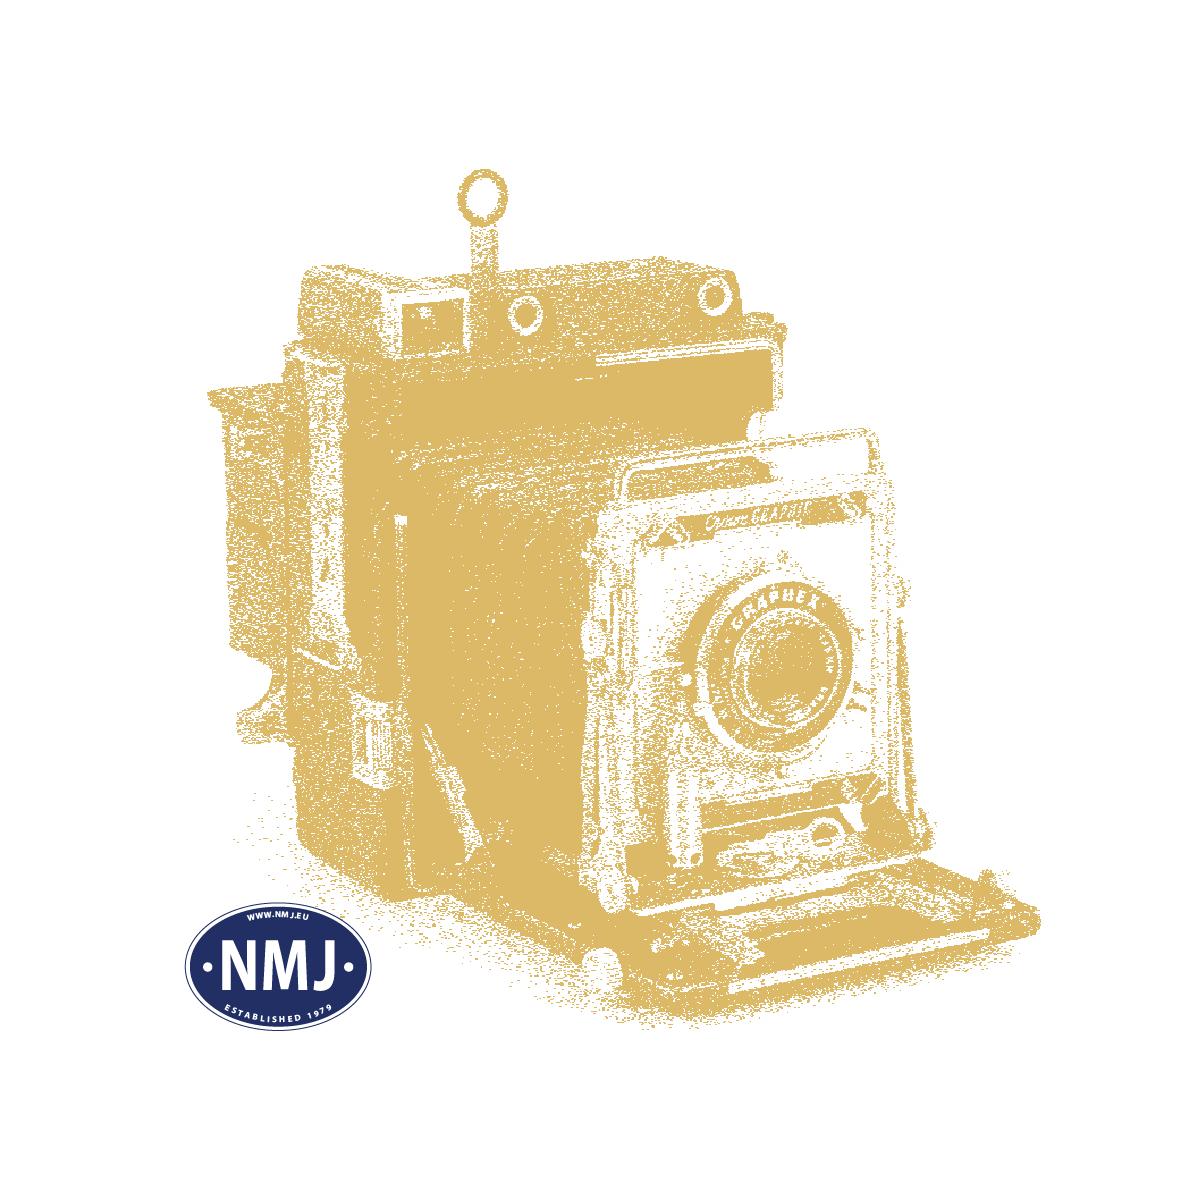 NOC07065 - Startsett for snø